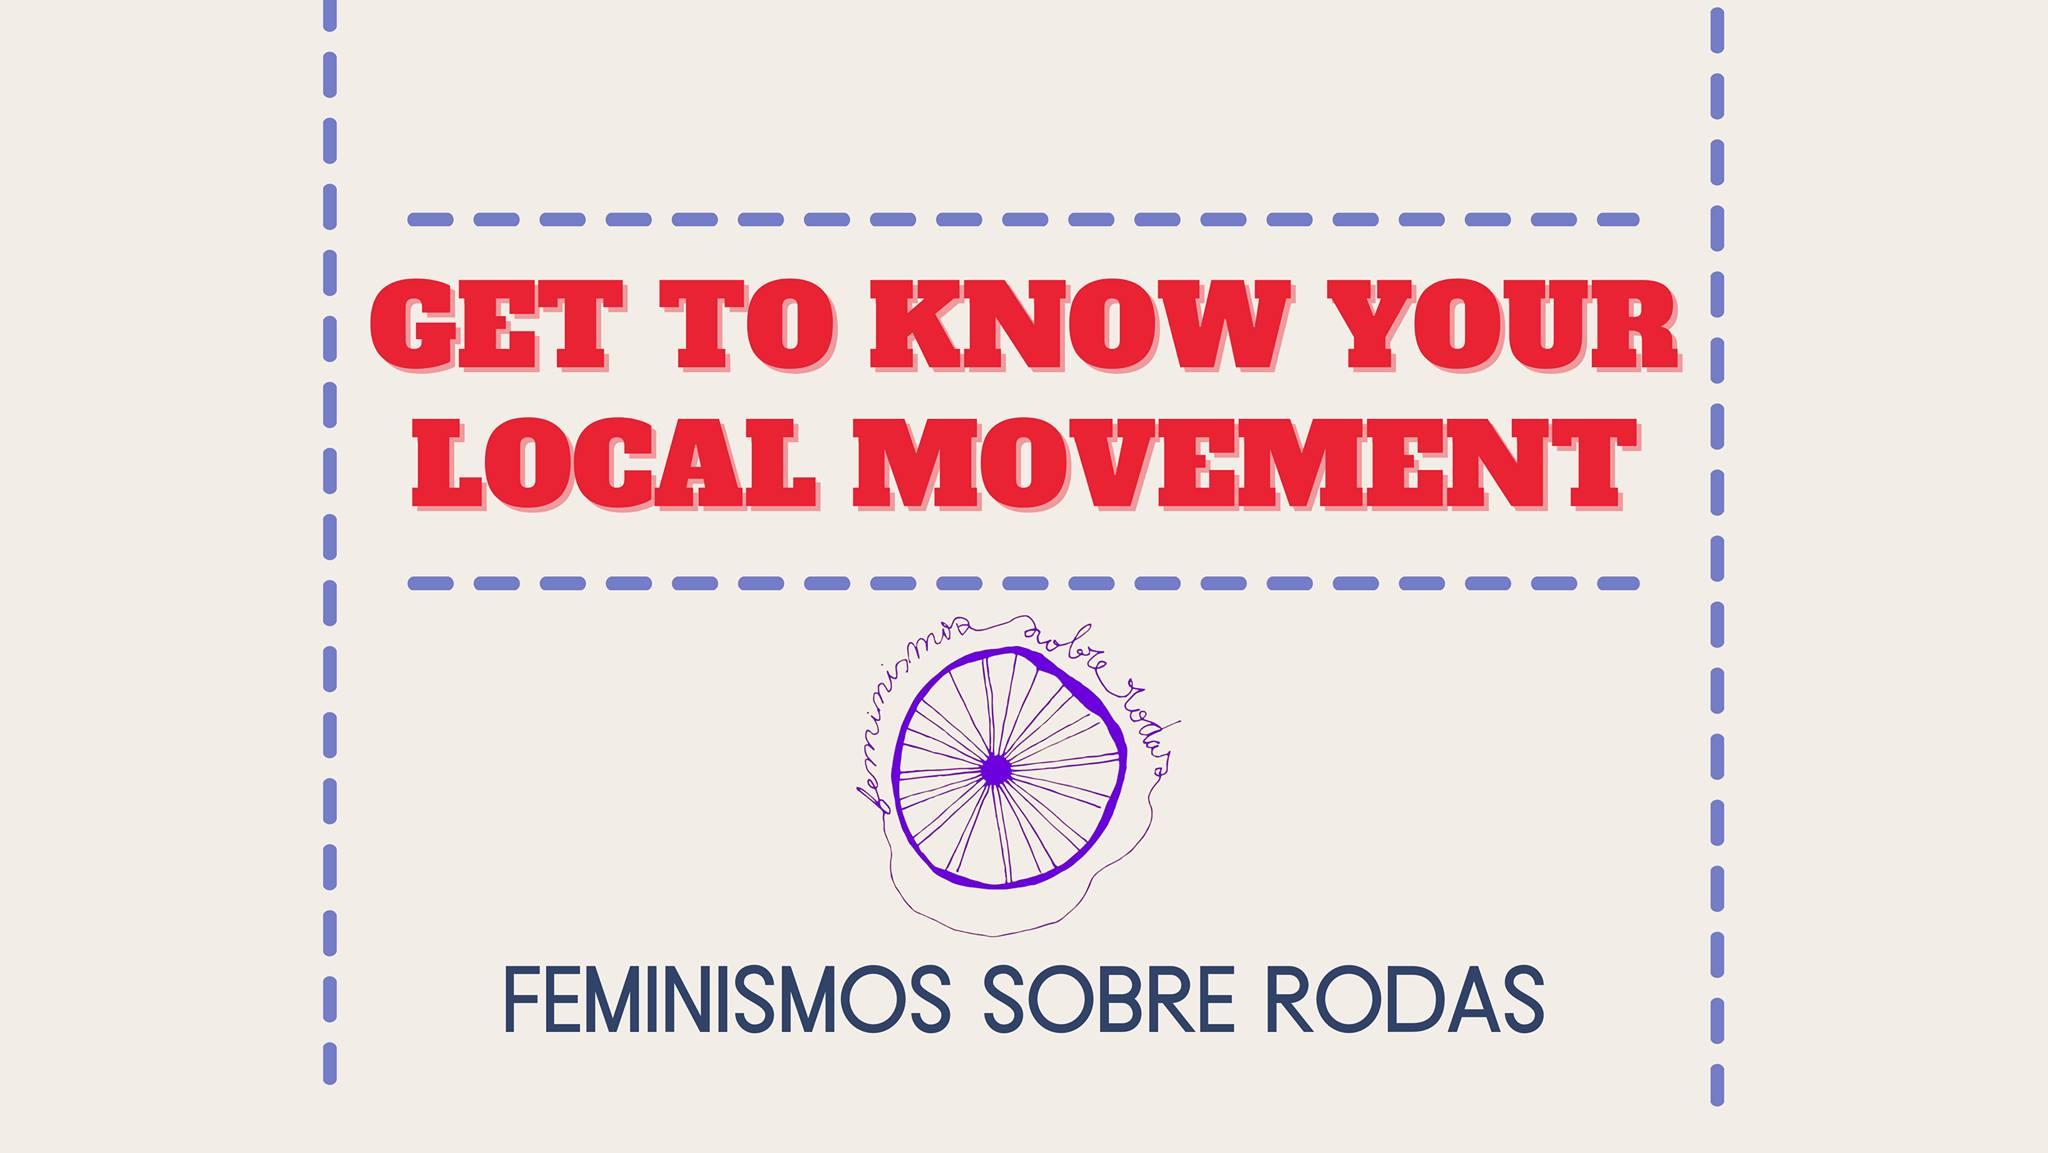 Get to know your local movement: Feminismos Sobre Rodas